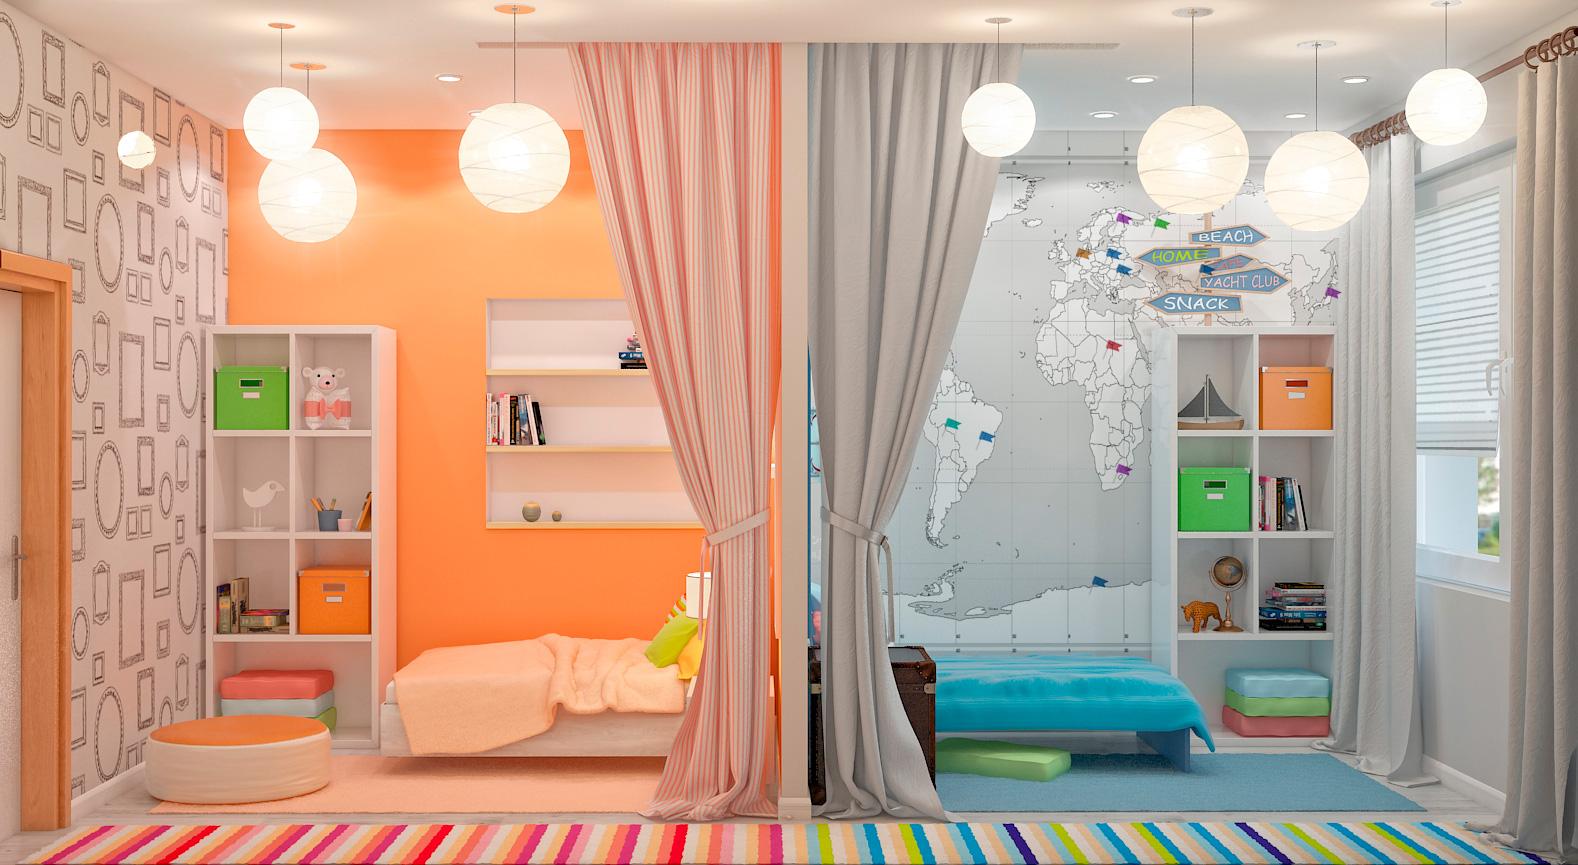 Фото дизайн детской комнаты для мальчика и девочки